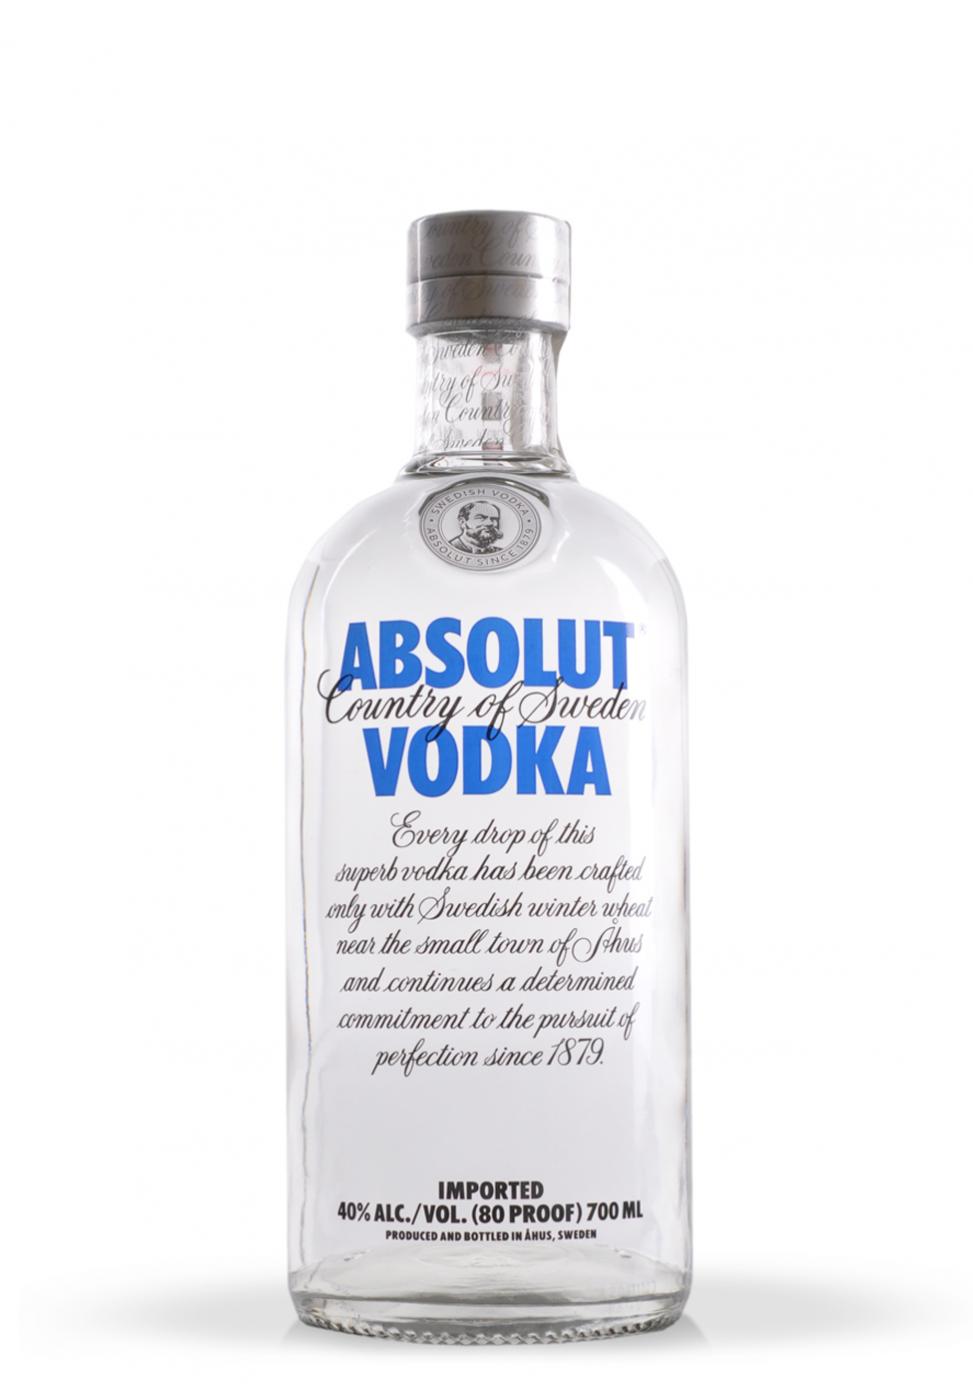 Vodka Absolut Country Of Sweden 1l Vodka Absolut Vodka Vodka Brands